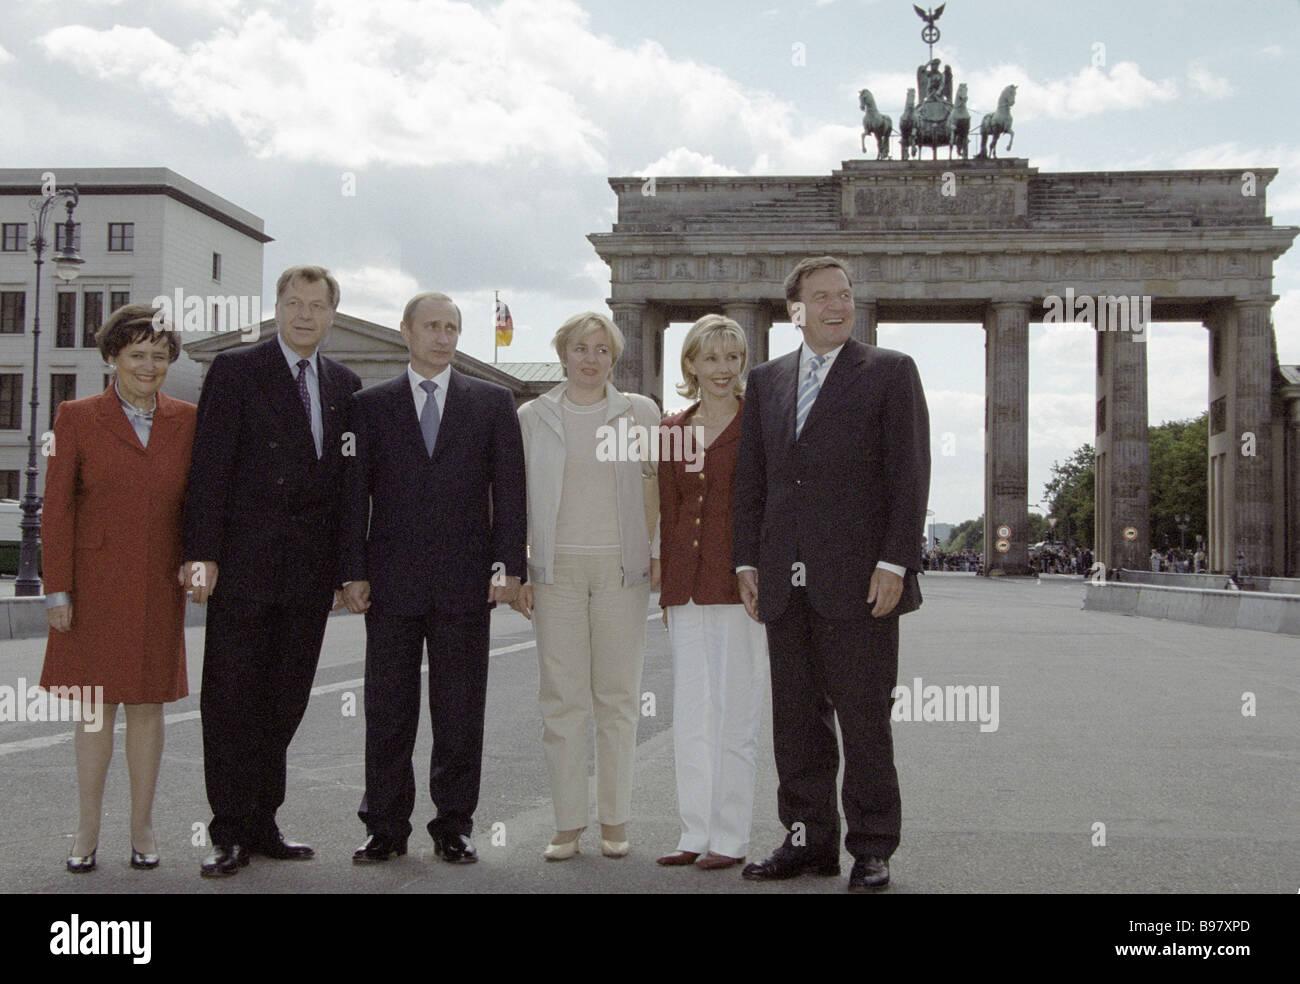 Berlin s Mayor Eberhard Diepgen Russia s president Vladimir Putin and Germany s chancellor Gerhard Schroeder with - Stock Image